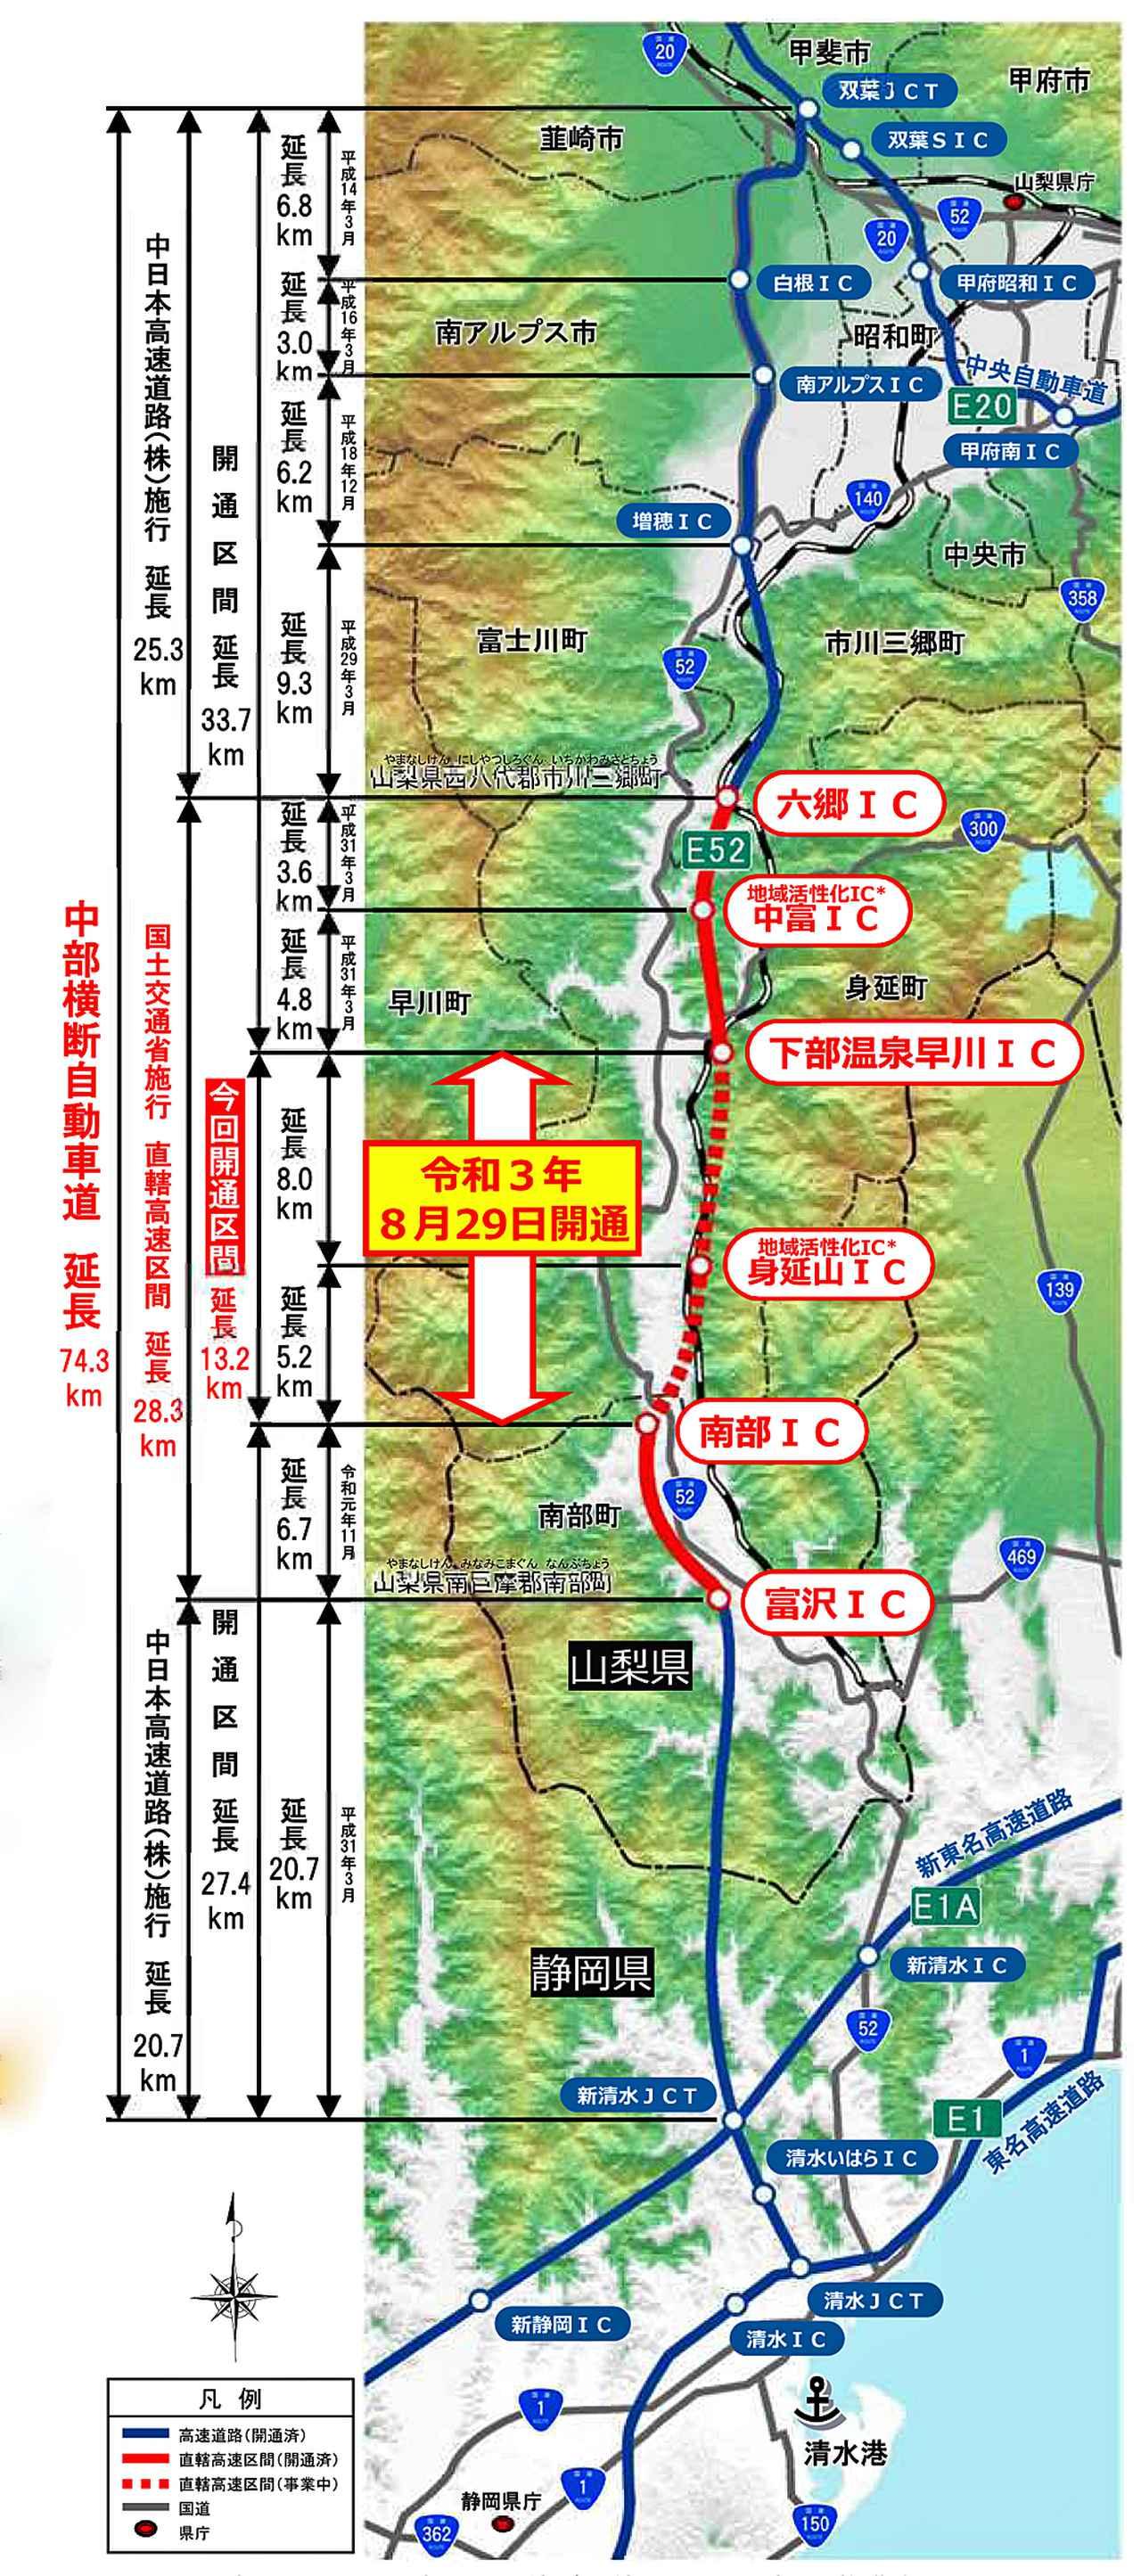 画像: 中部横断自動車道が開通したことで、中央道の双葉JCT〜新東名の清水JCT〜東名の清水JCTが高速道路で直結する。